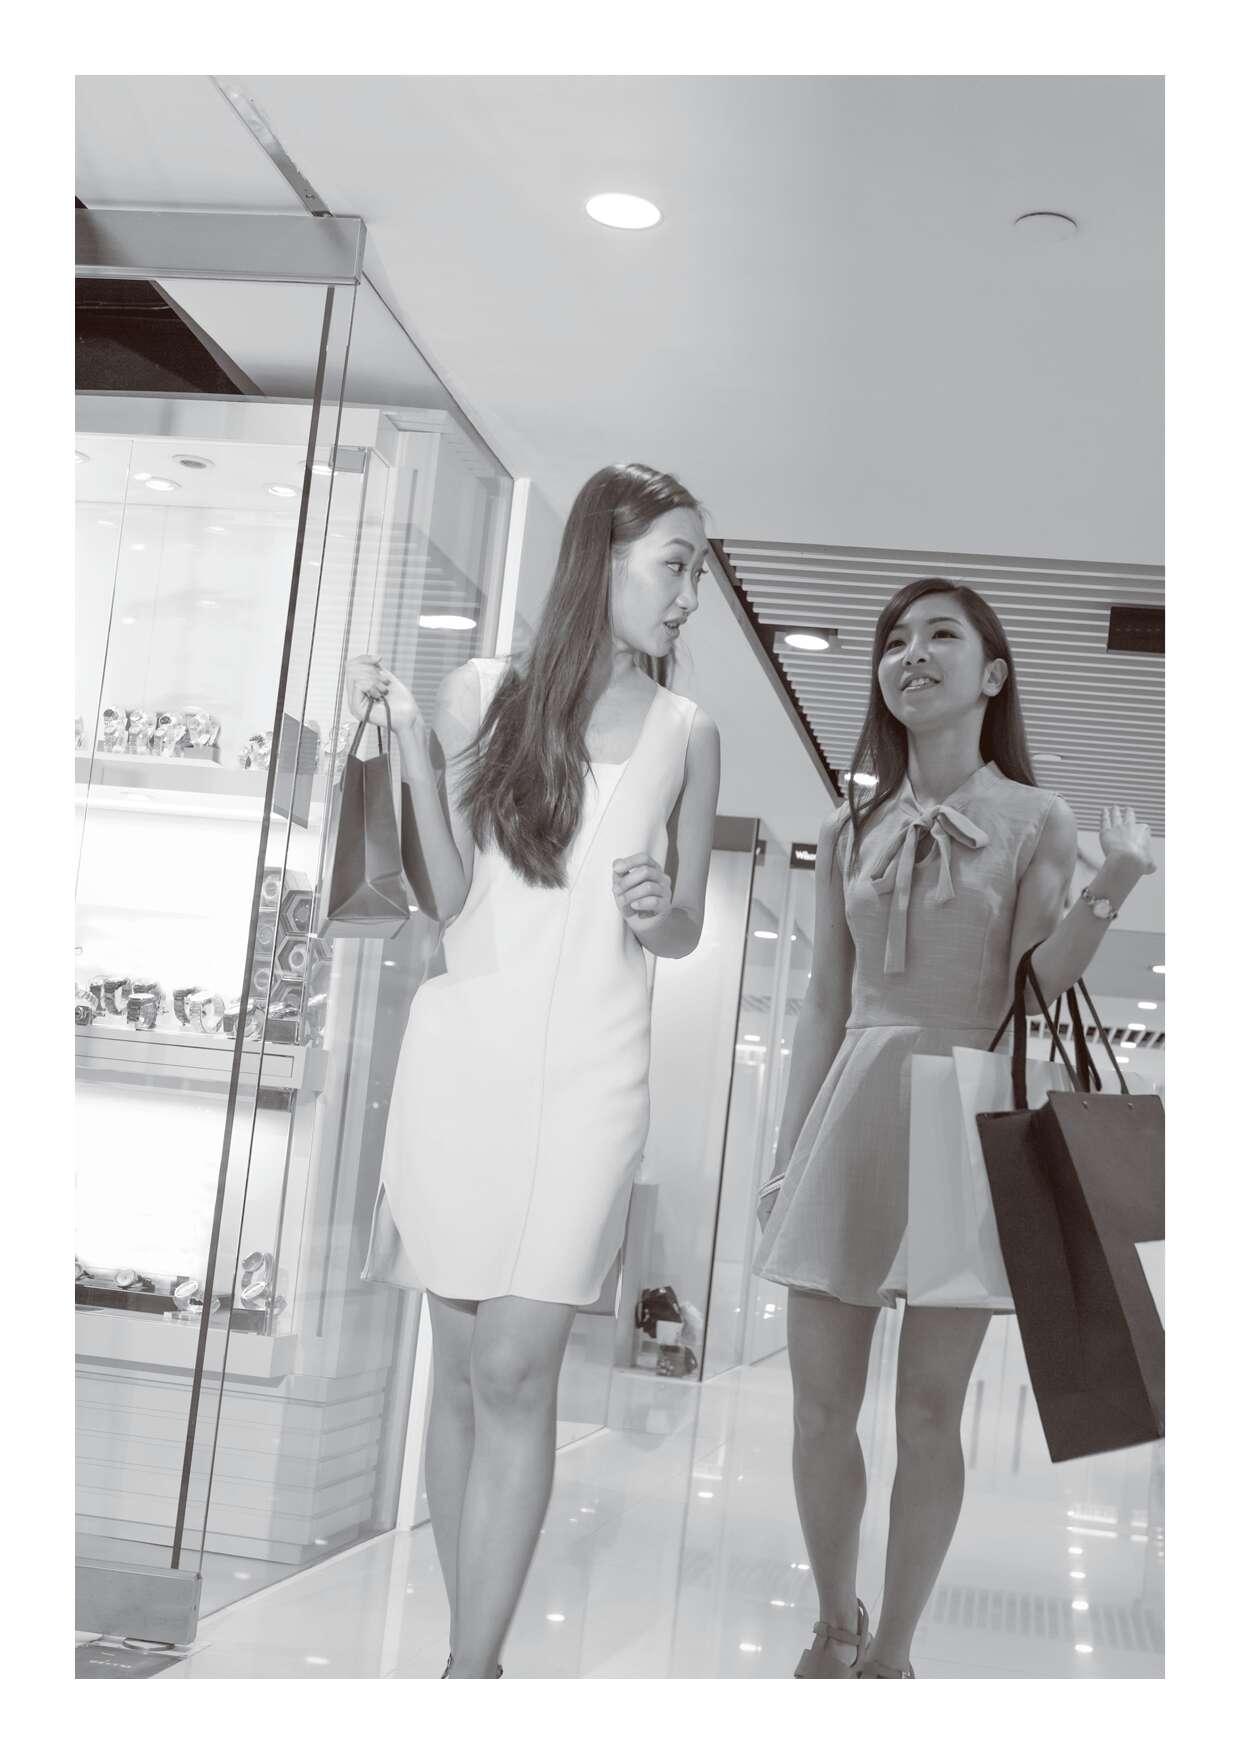 2015年全球奢侈品市场研究_000012